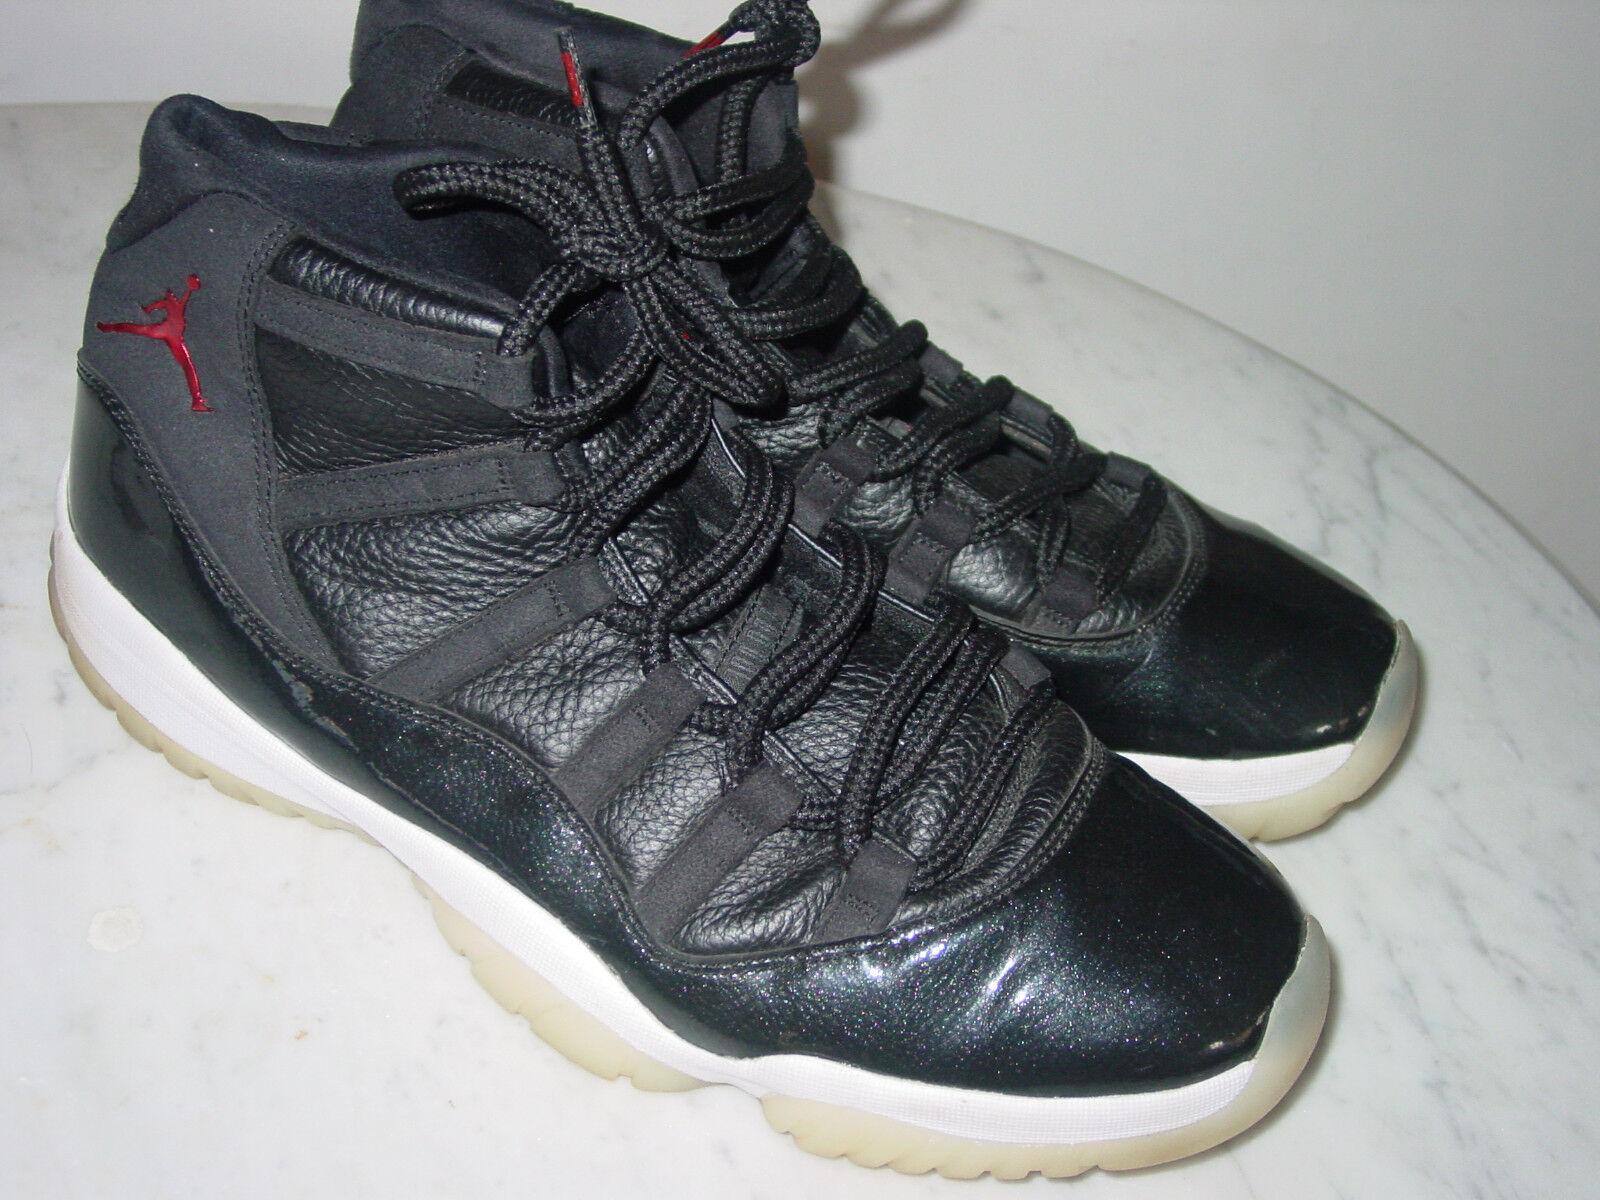 2015 Nike Air Jordan Jordan Jordan Retro 11  72-10  Black Red Anthracite shoes  Size 13 0d440c